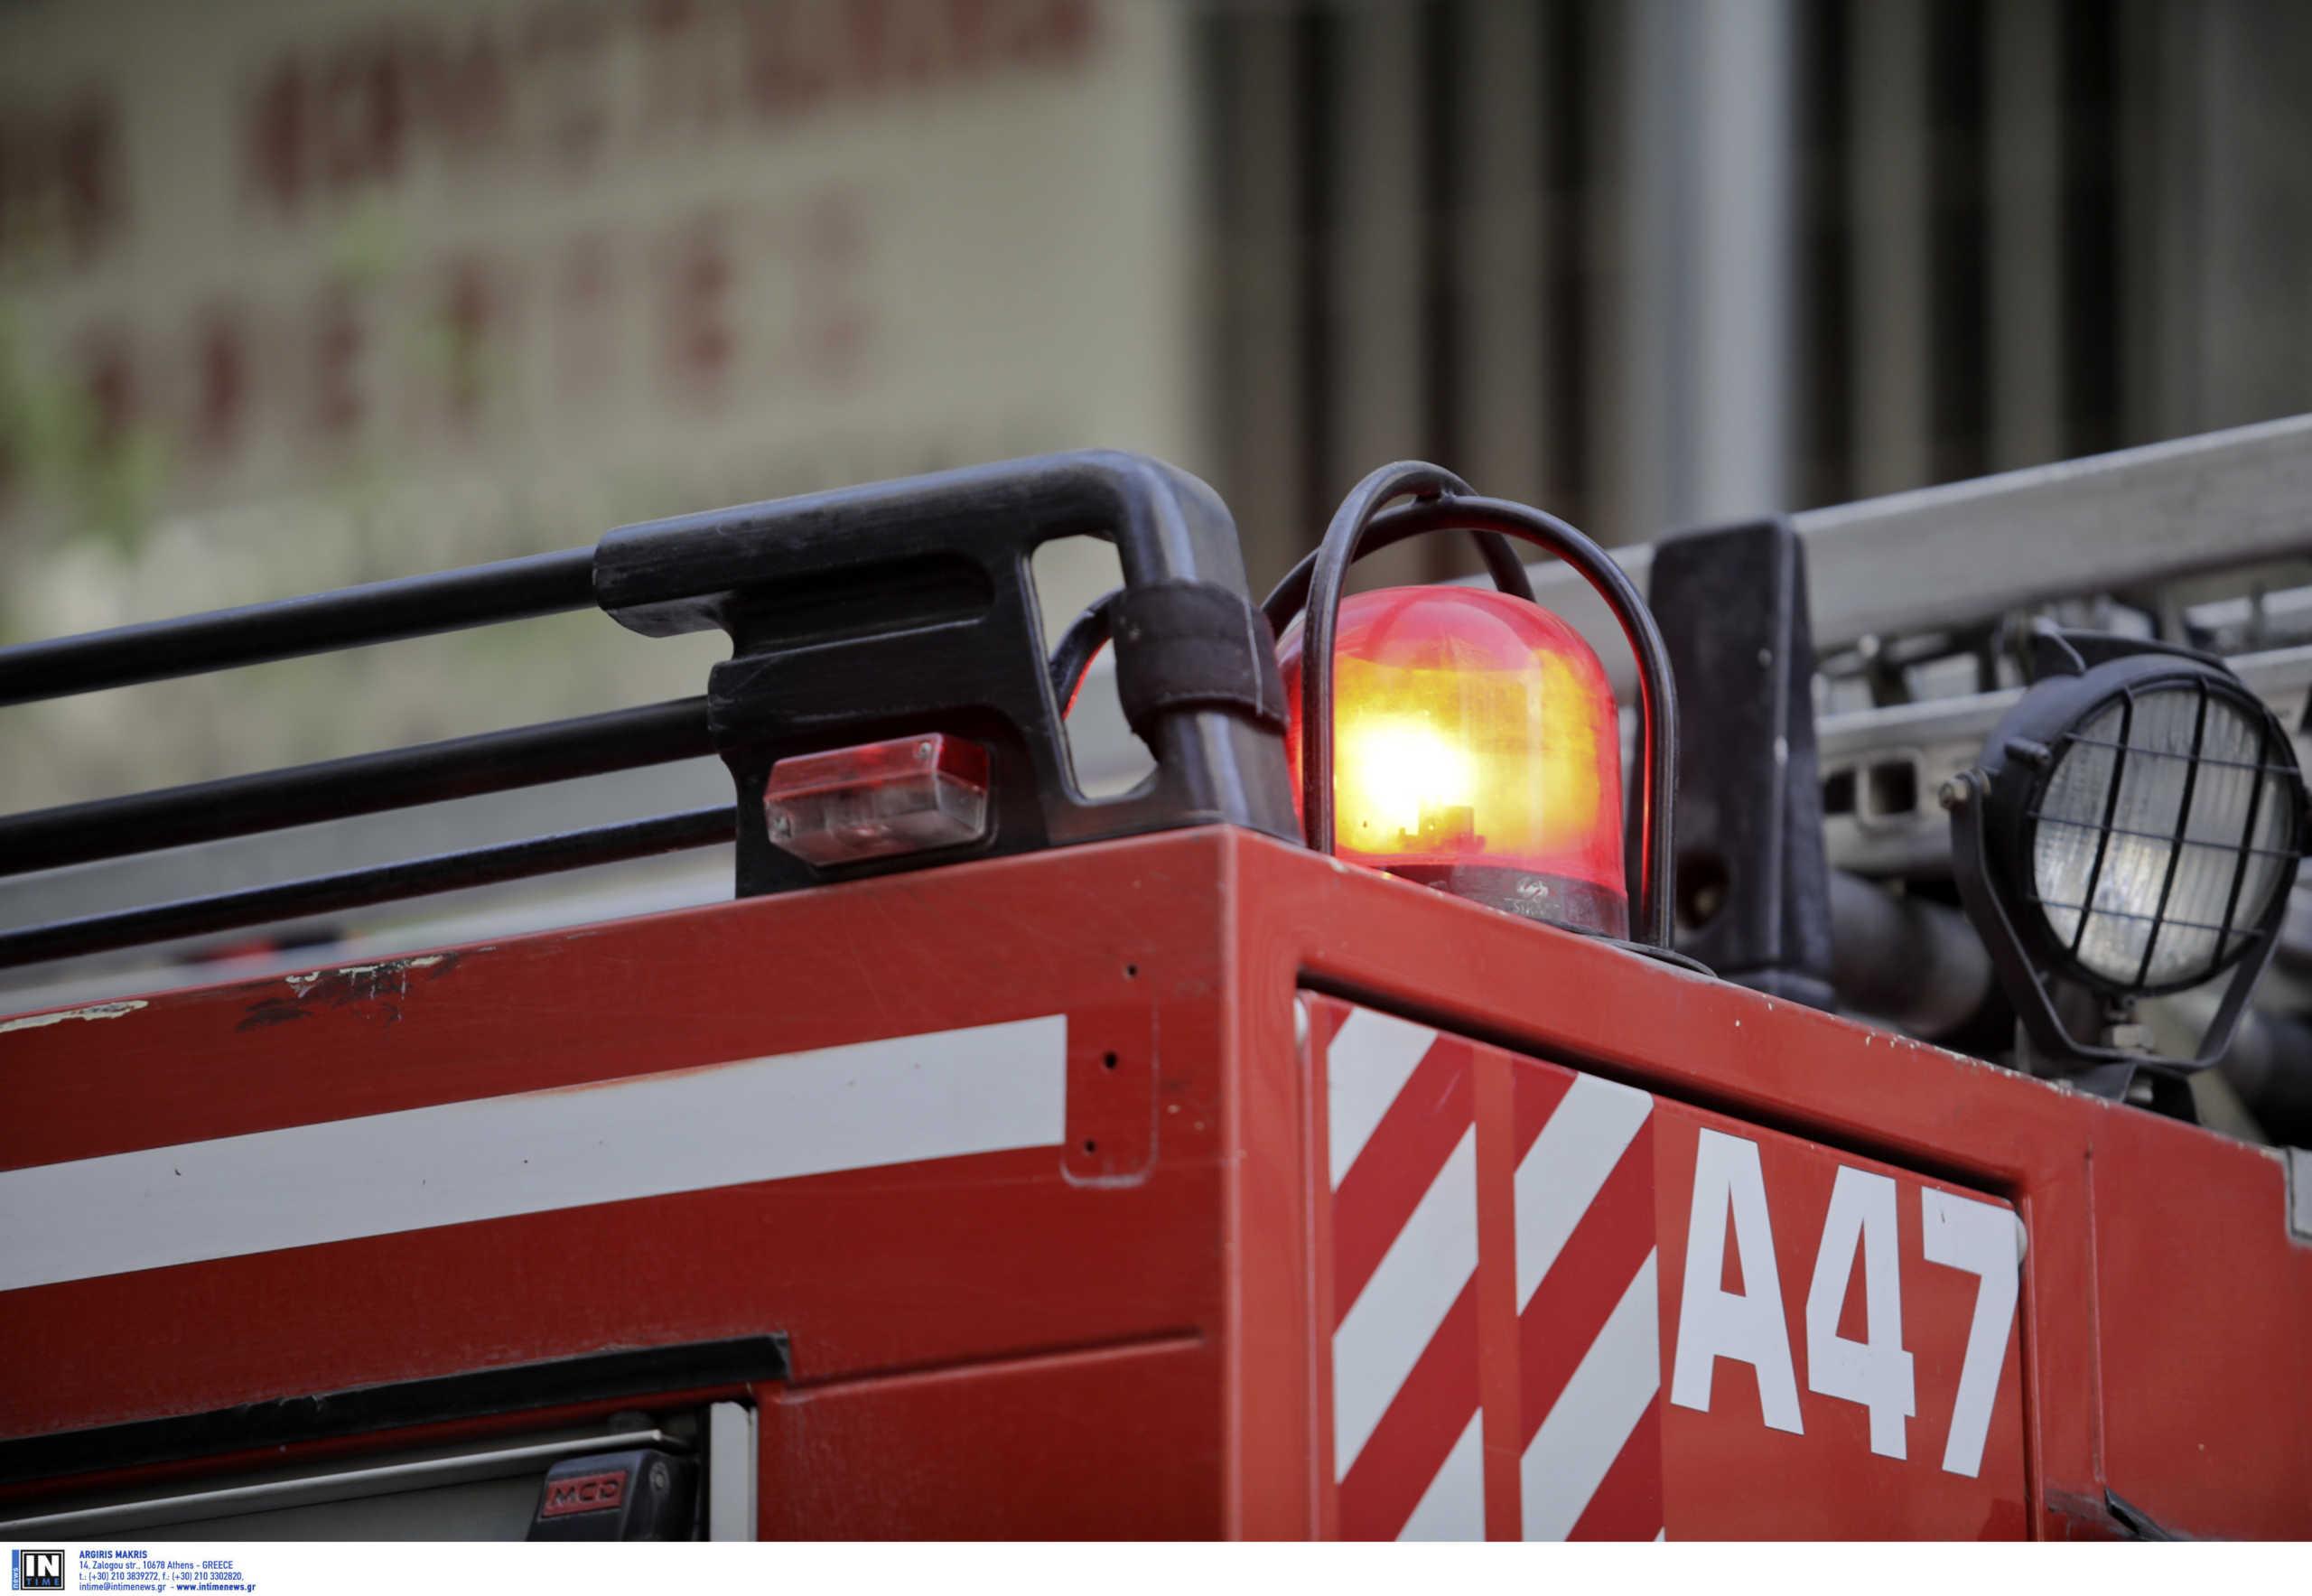 Φωτιά σε διαμέρισμα στο Νέο Κόσμο, νεκρός ηλικιωμένος